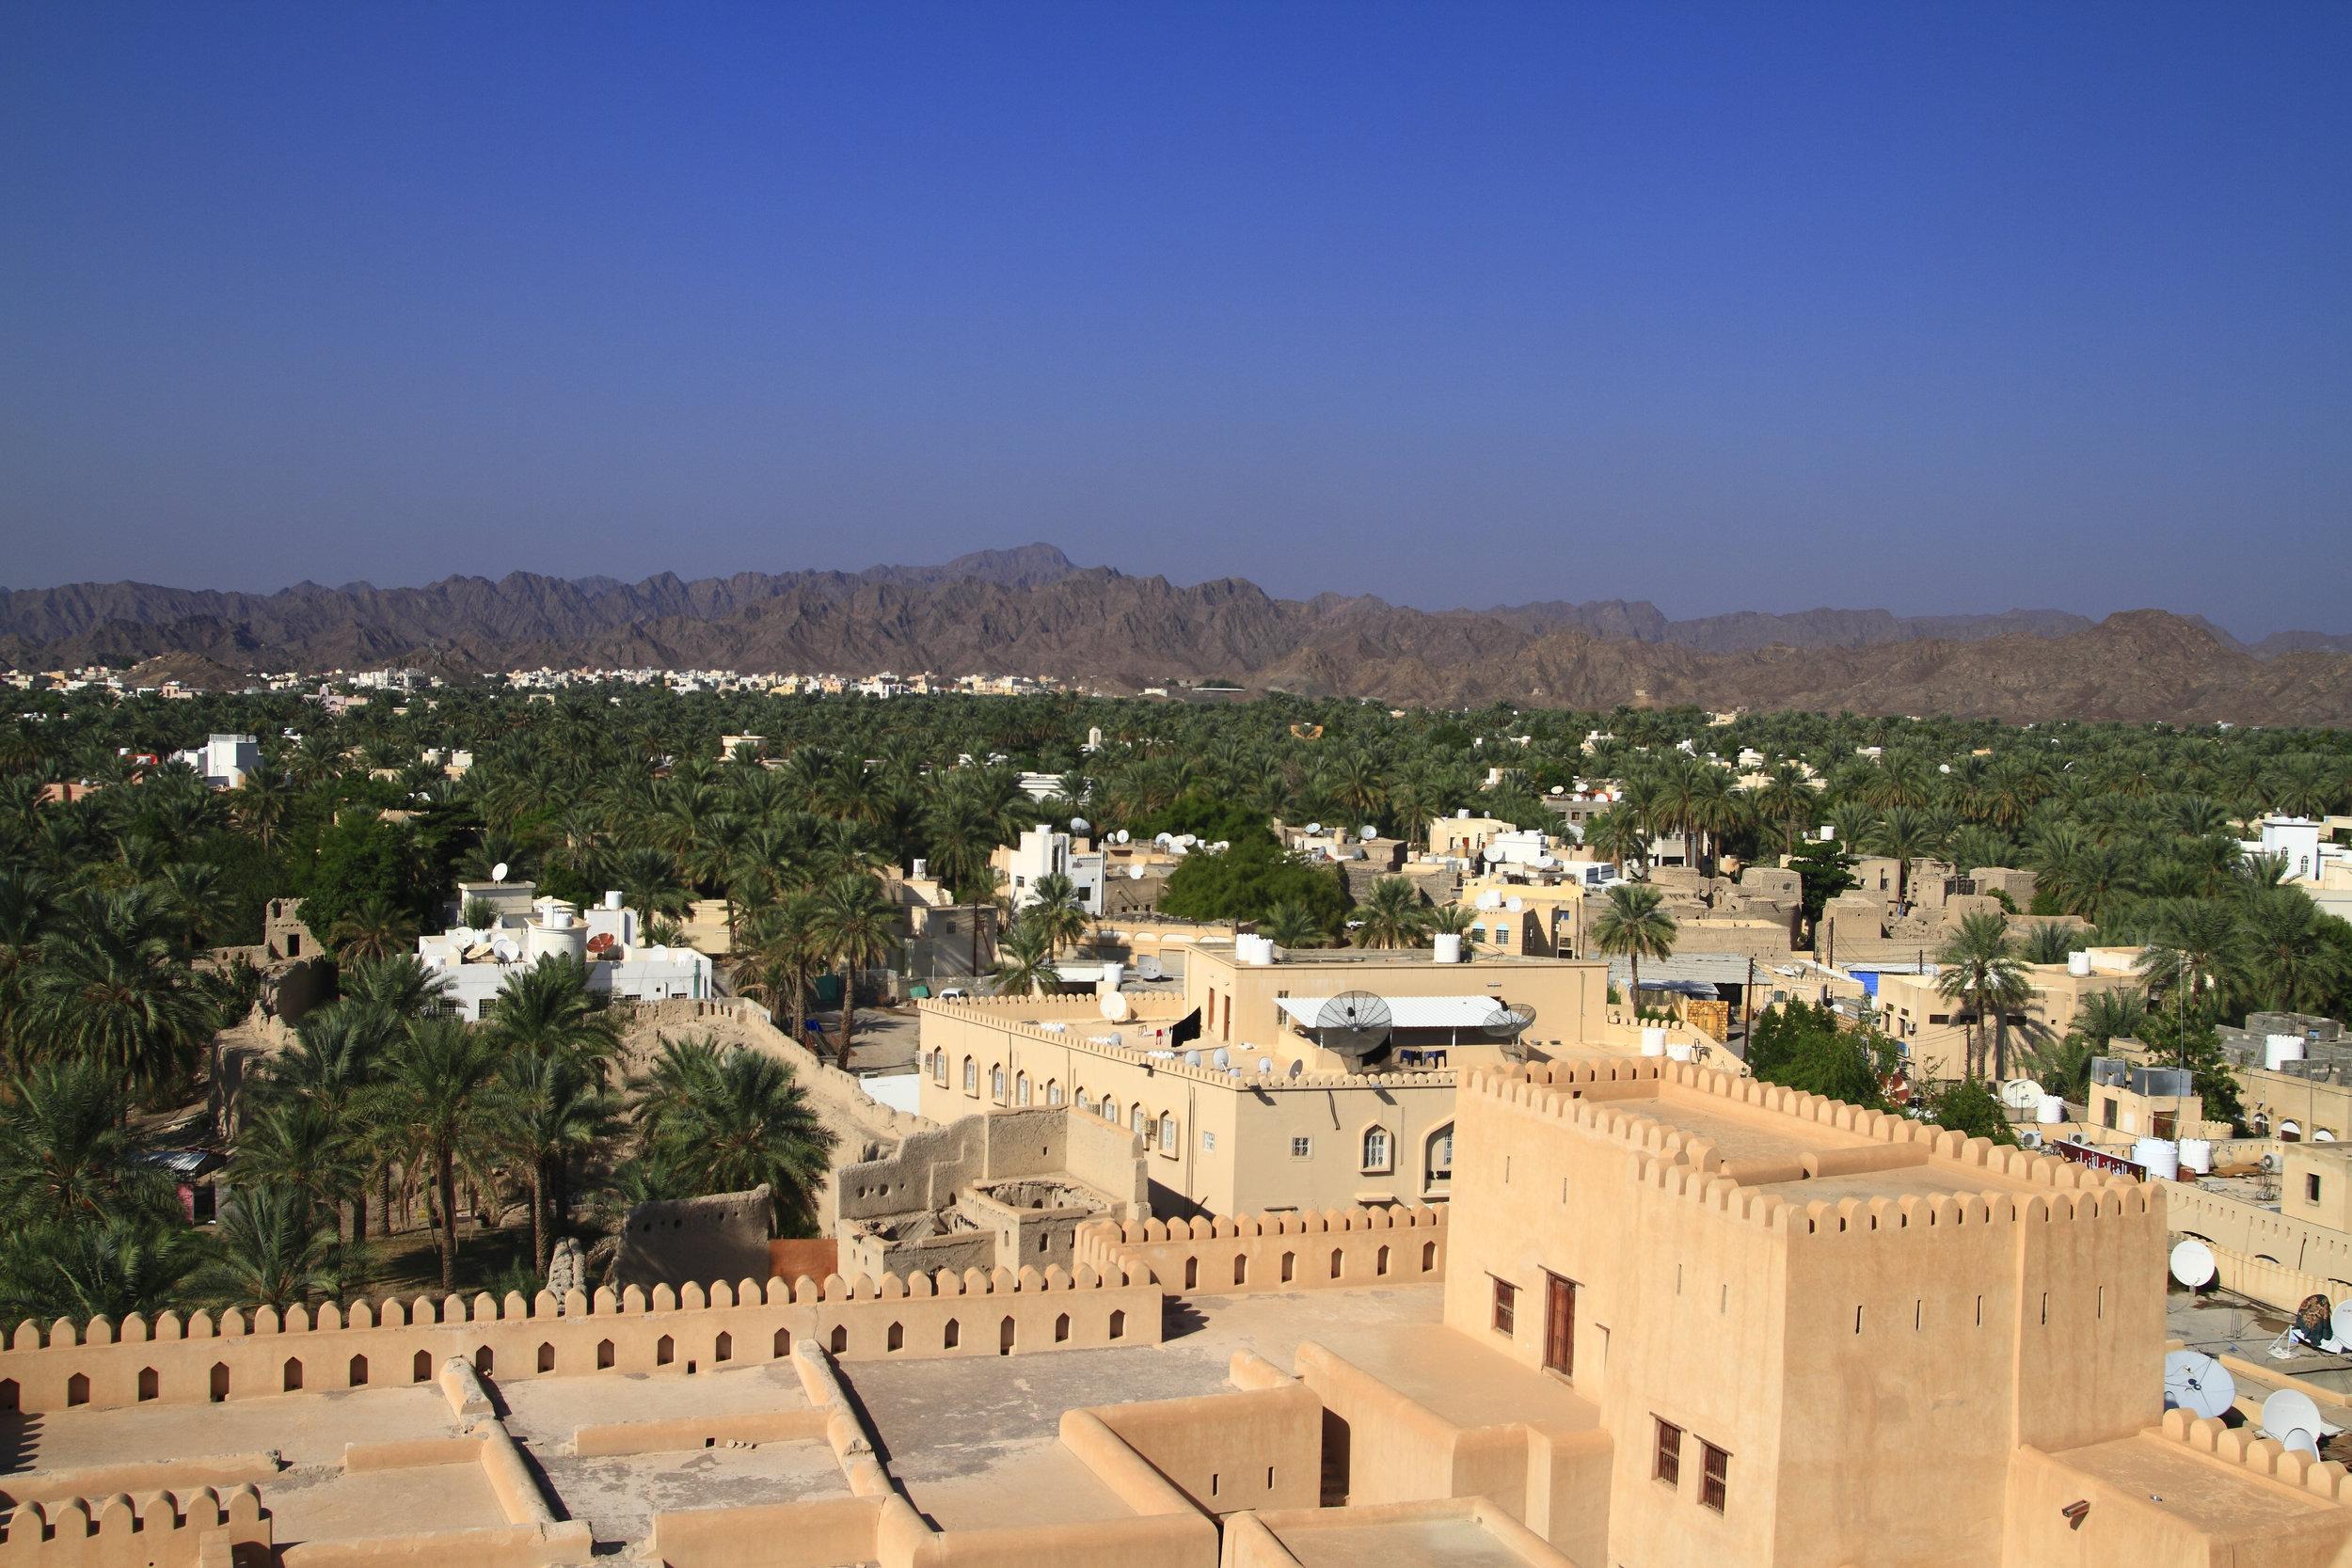 oman_nizwa_bigstock-The-Nizwa-Fort-148928963.jpg